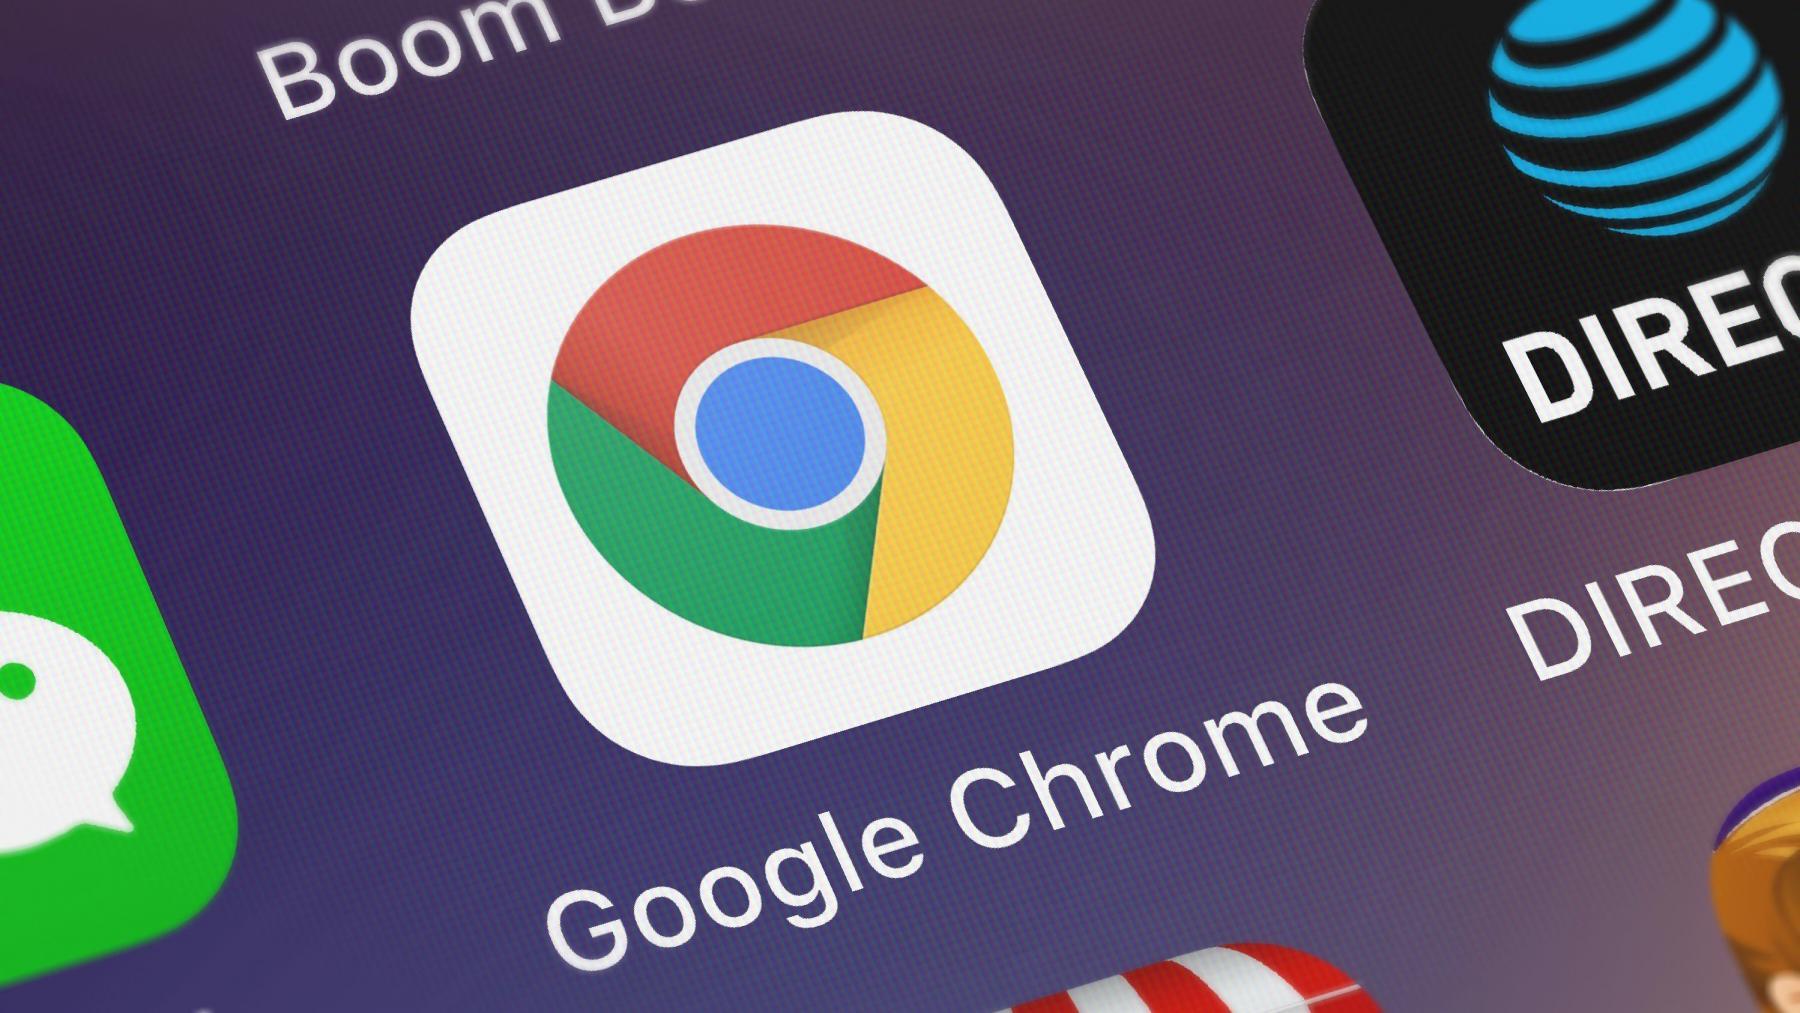 Chrome будет показывать разработчикам, как их сайты выглядят для пользователей с нарушениями зрения